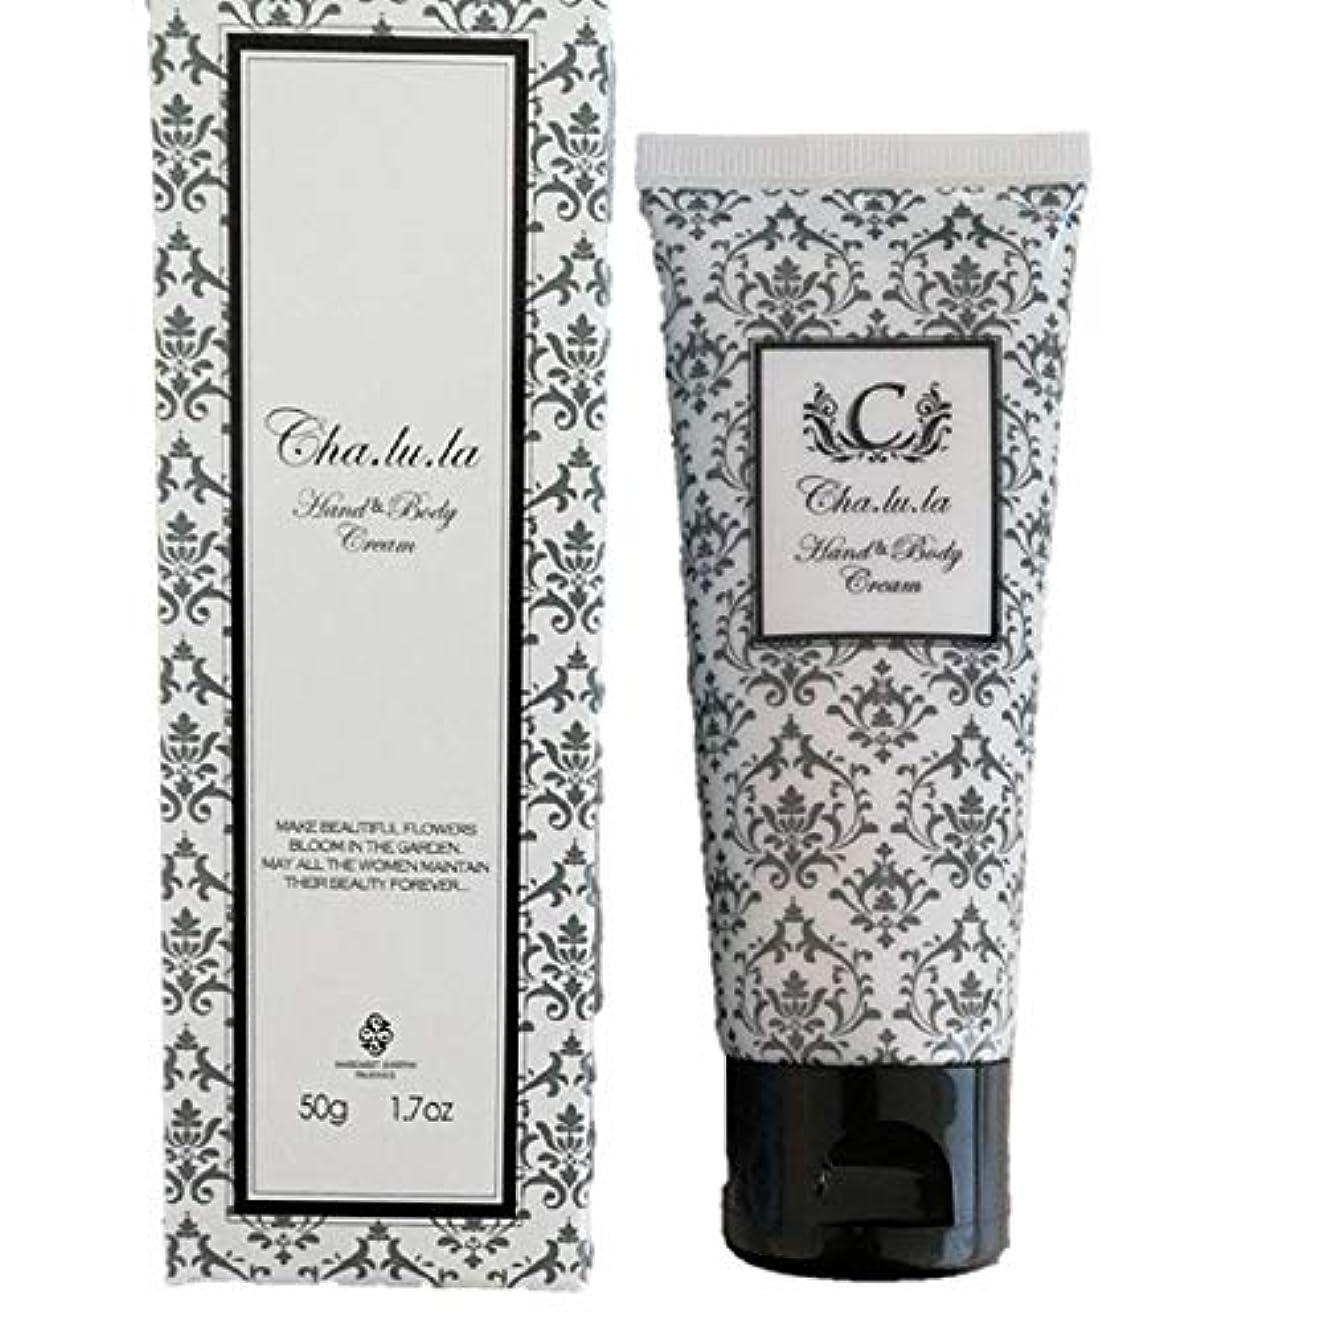 屋内不良品美しいシャルラ H&Bクリーム ノーブルブロッサムの香り ハンド&ボディークリーム 50g